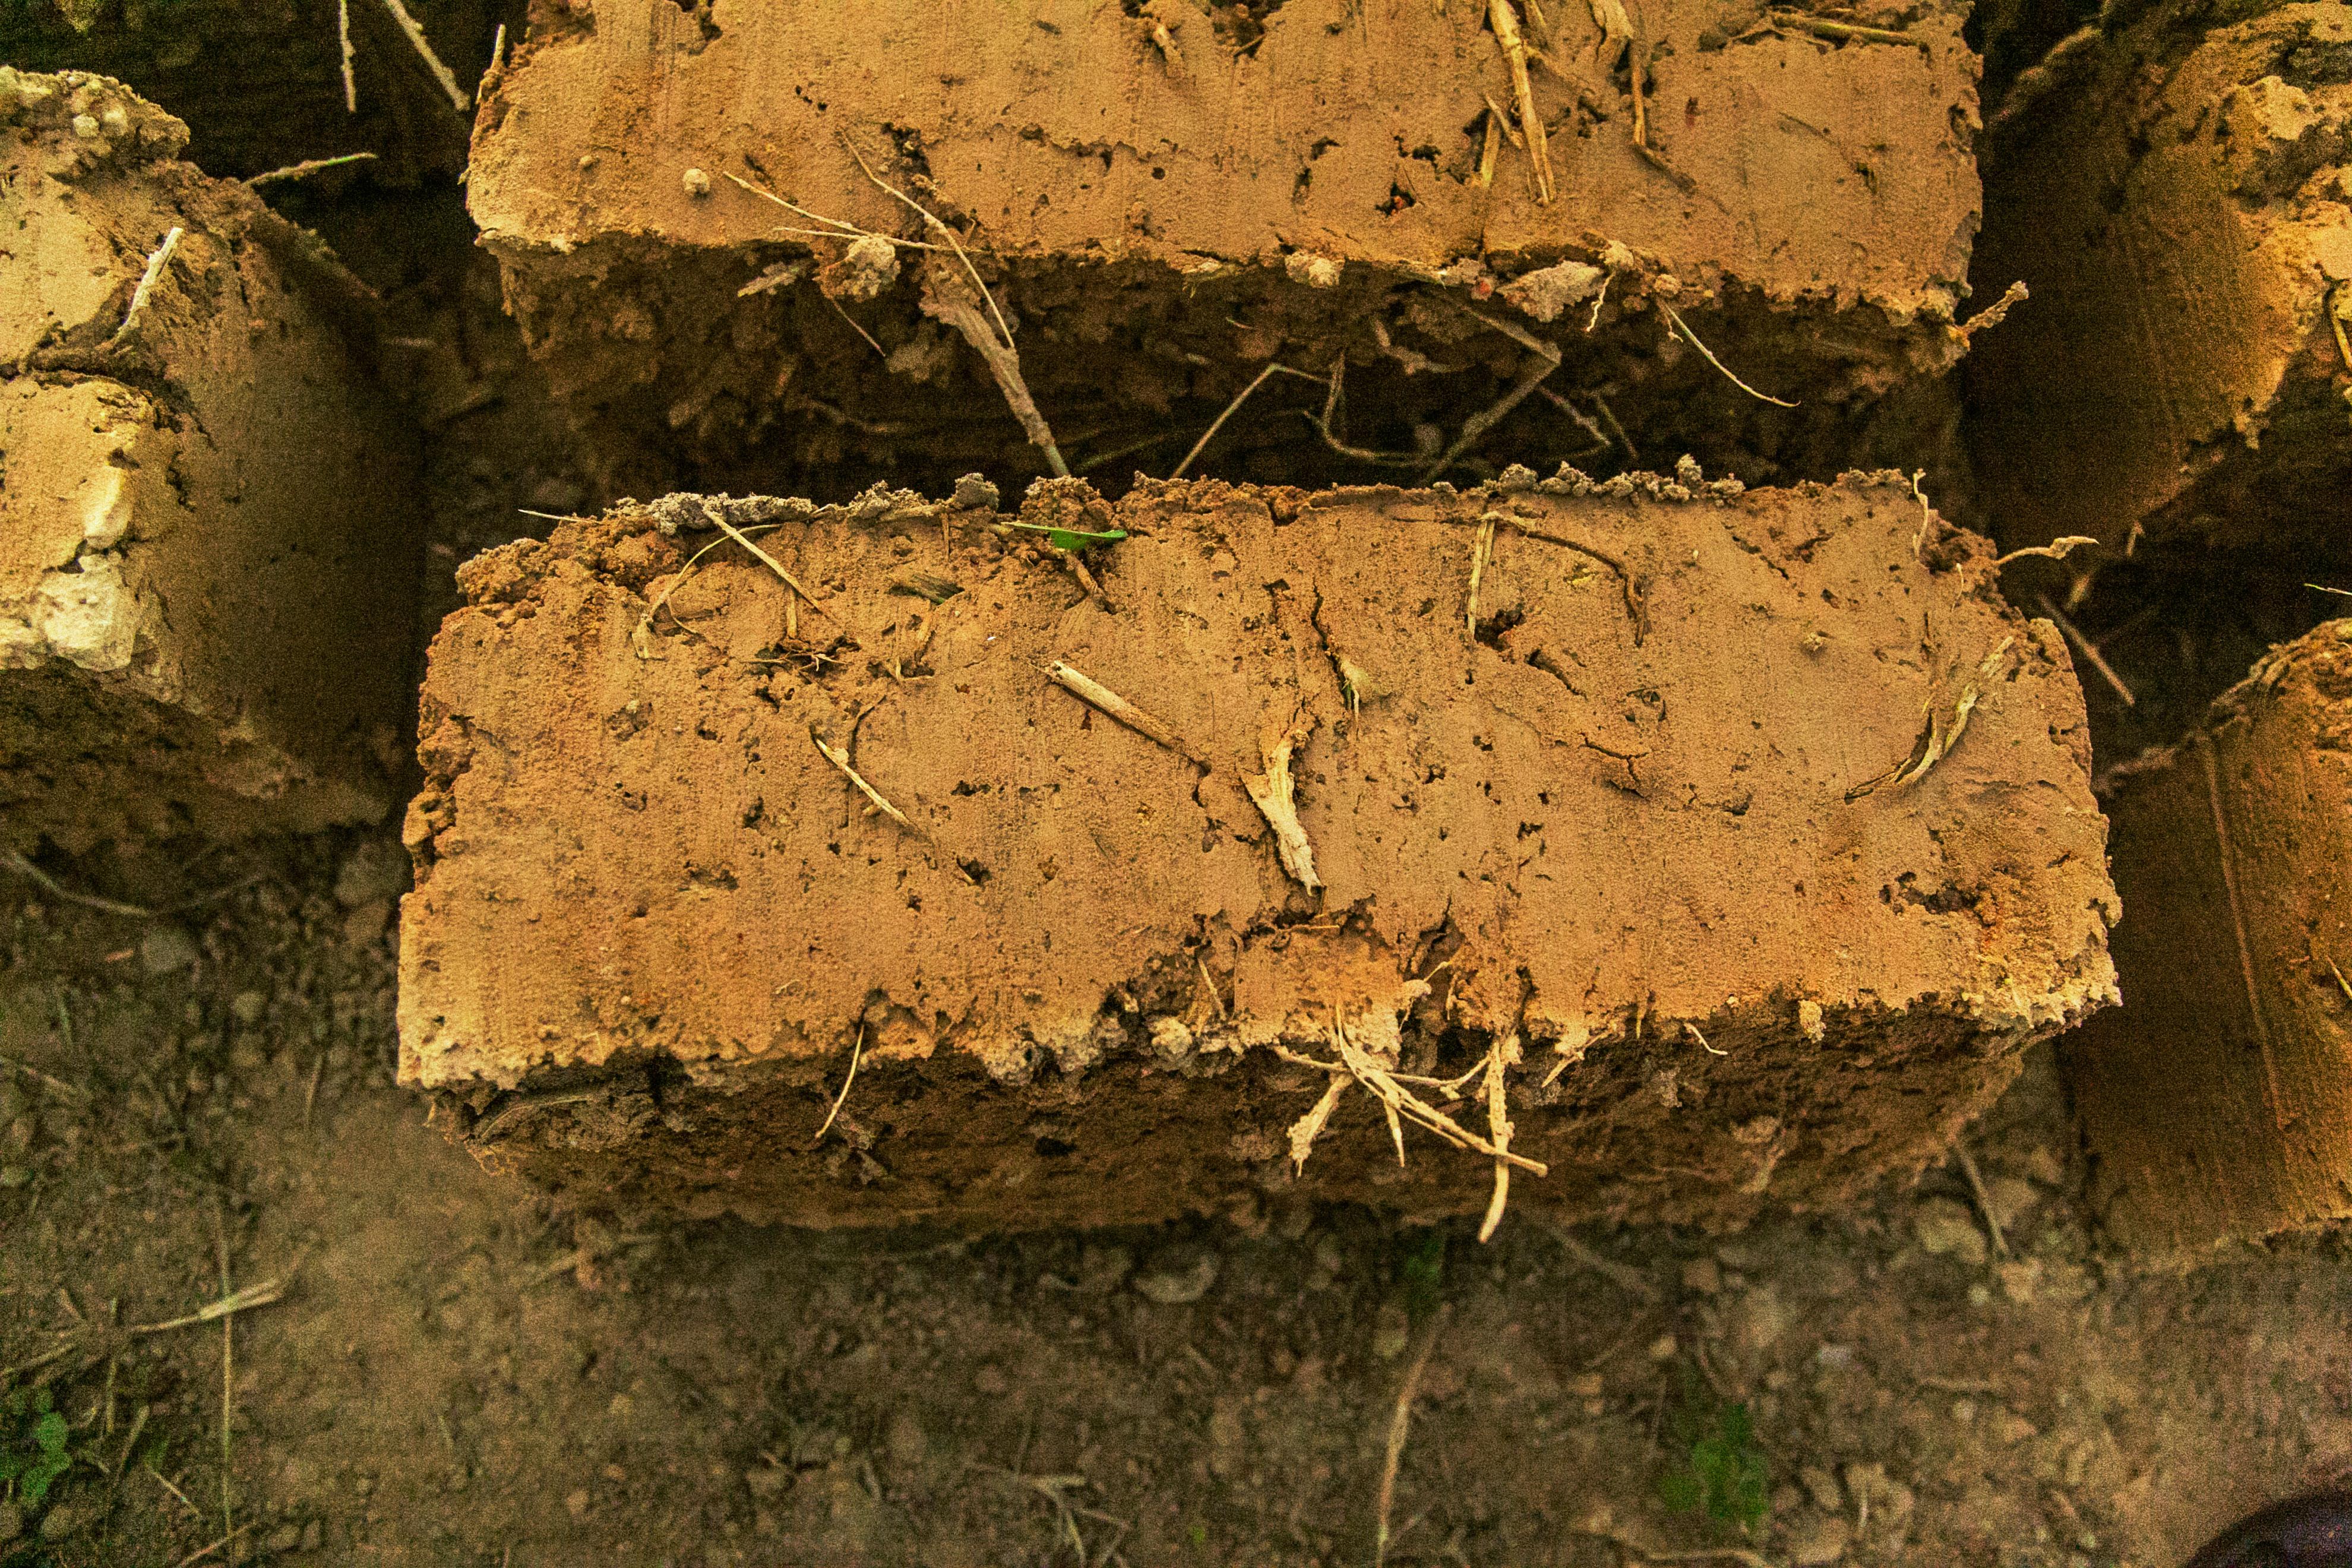 Brick_Earth_Roof_in_the_Sahel_Program.jpg